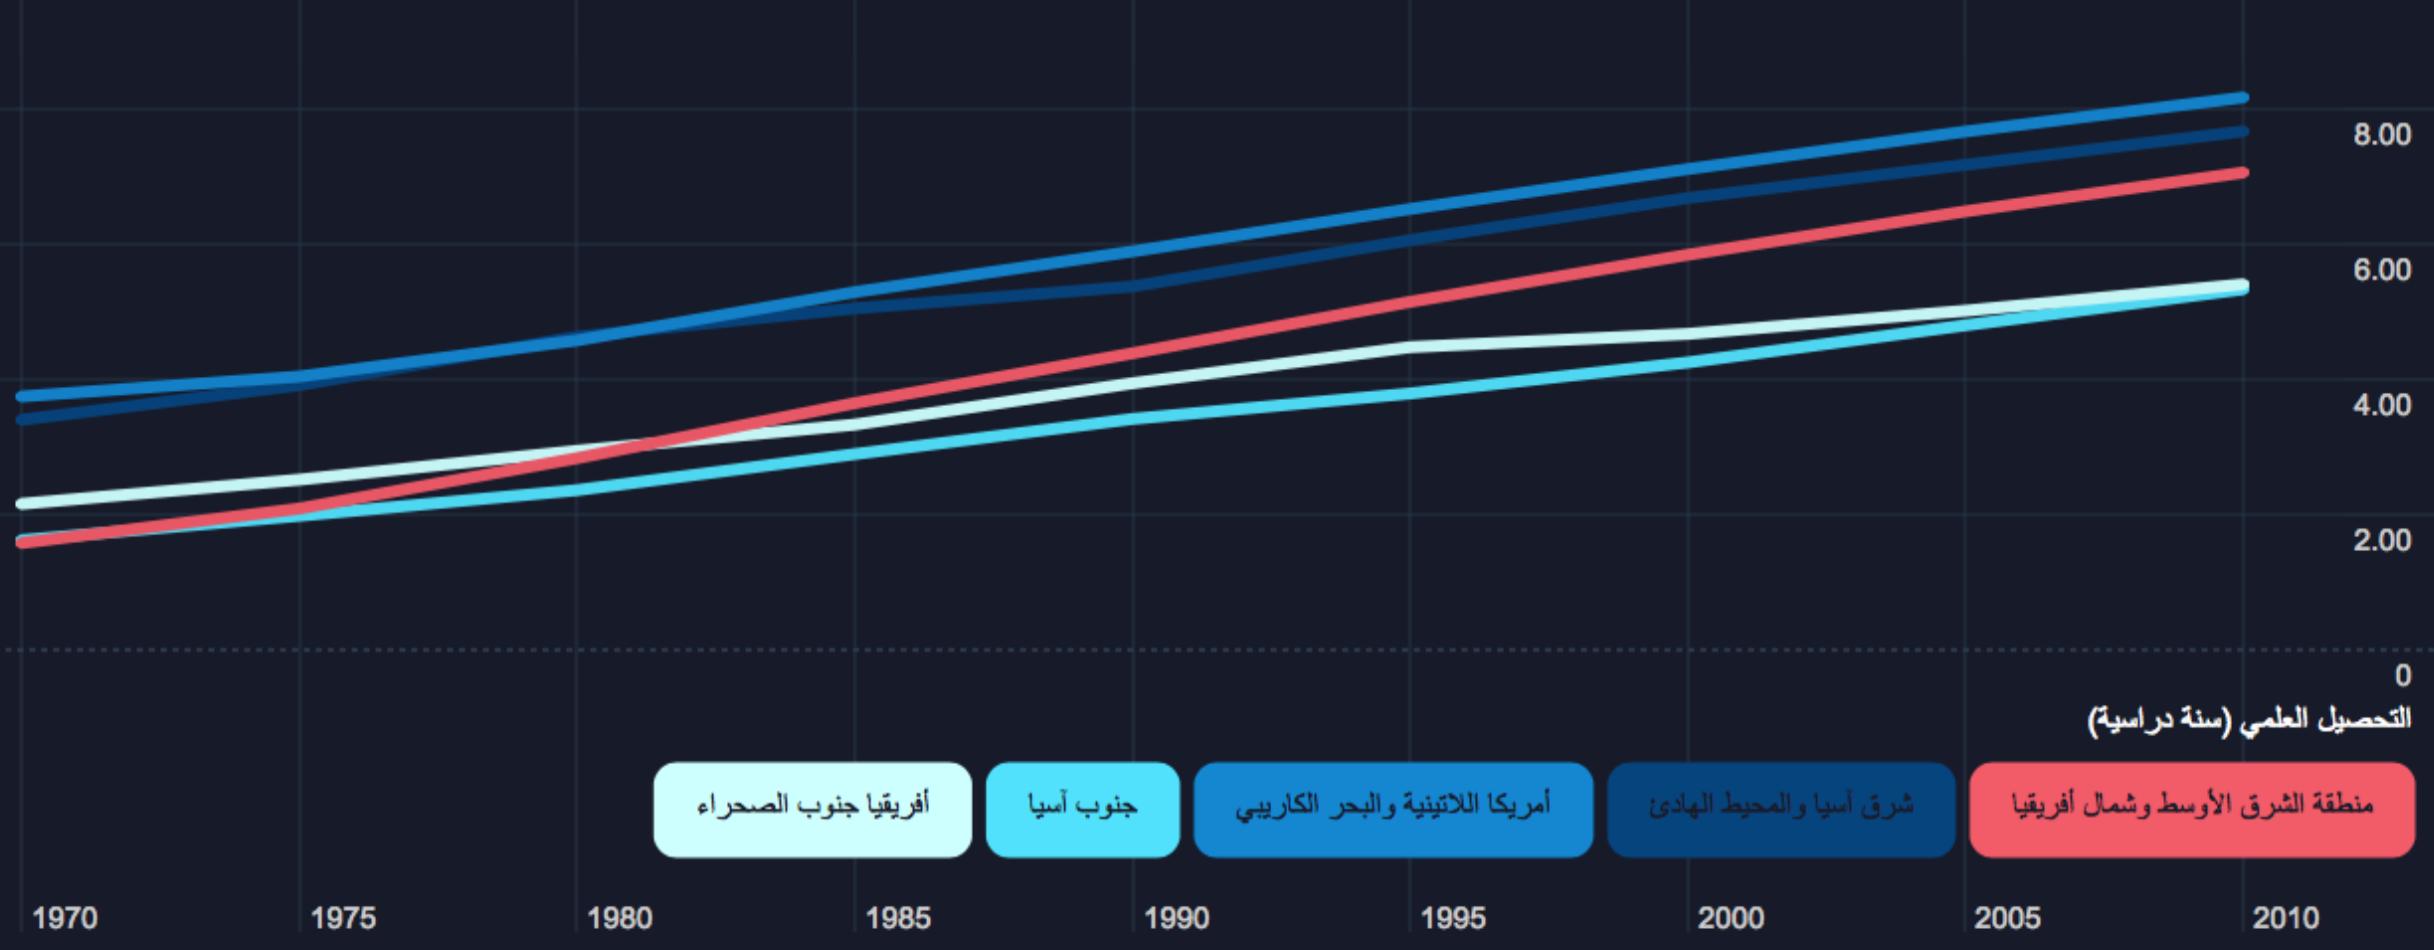 العقد الاجتماعي في العالم العربي - التحصيل العلمي (سنة دراسية)